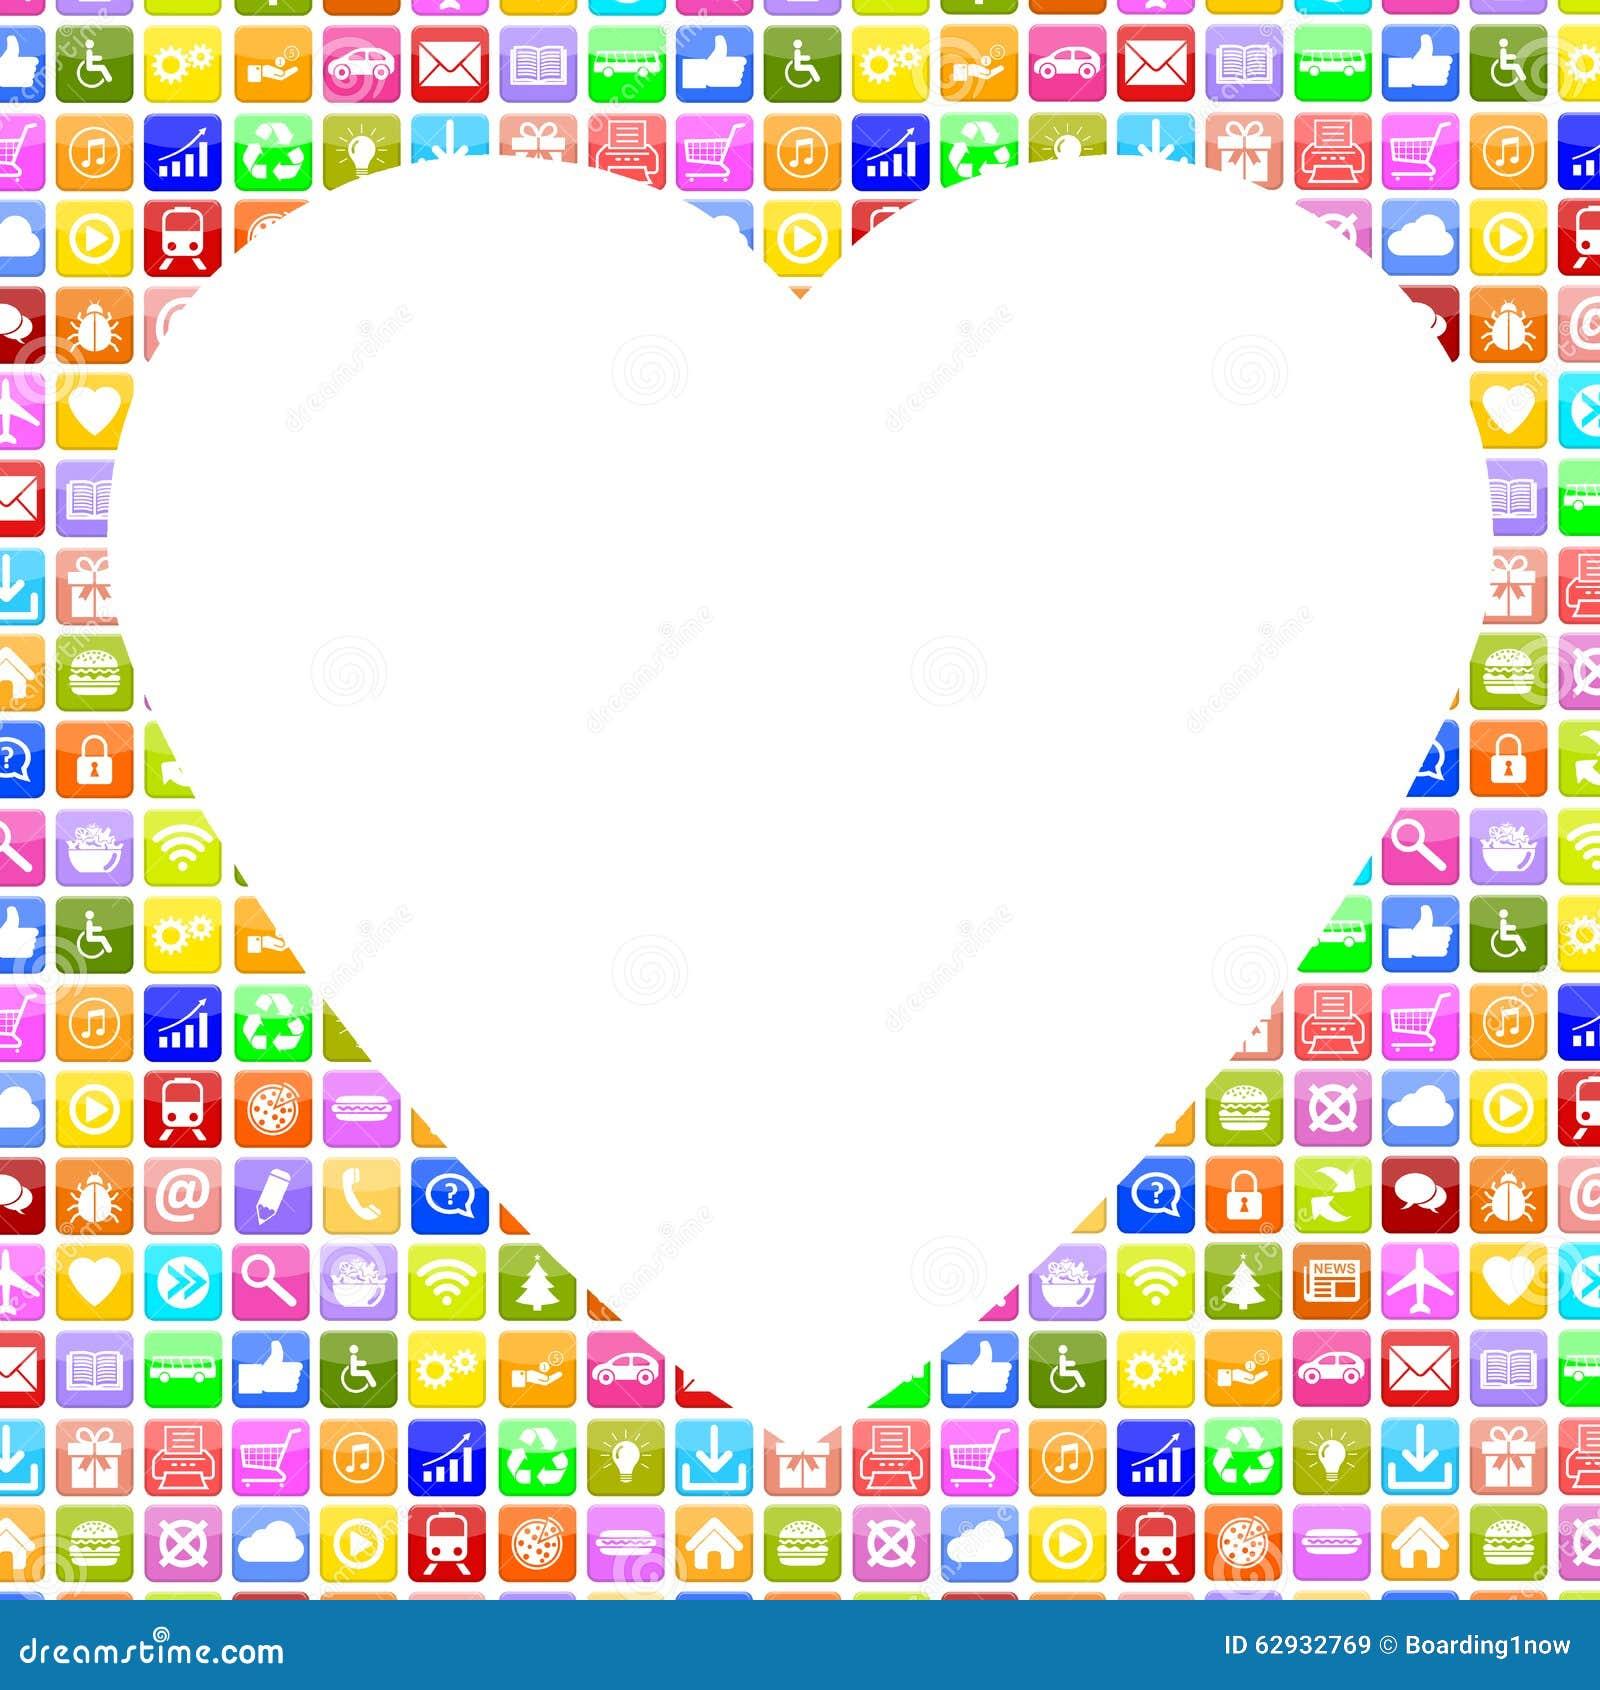 Ideen für Dating-Profil schreiben